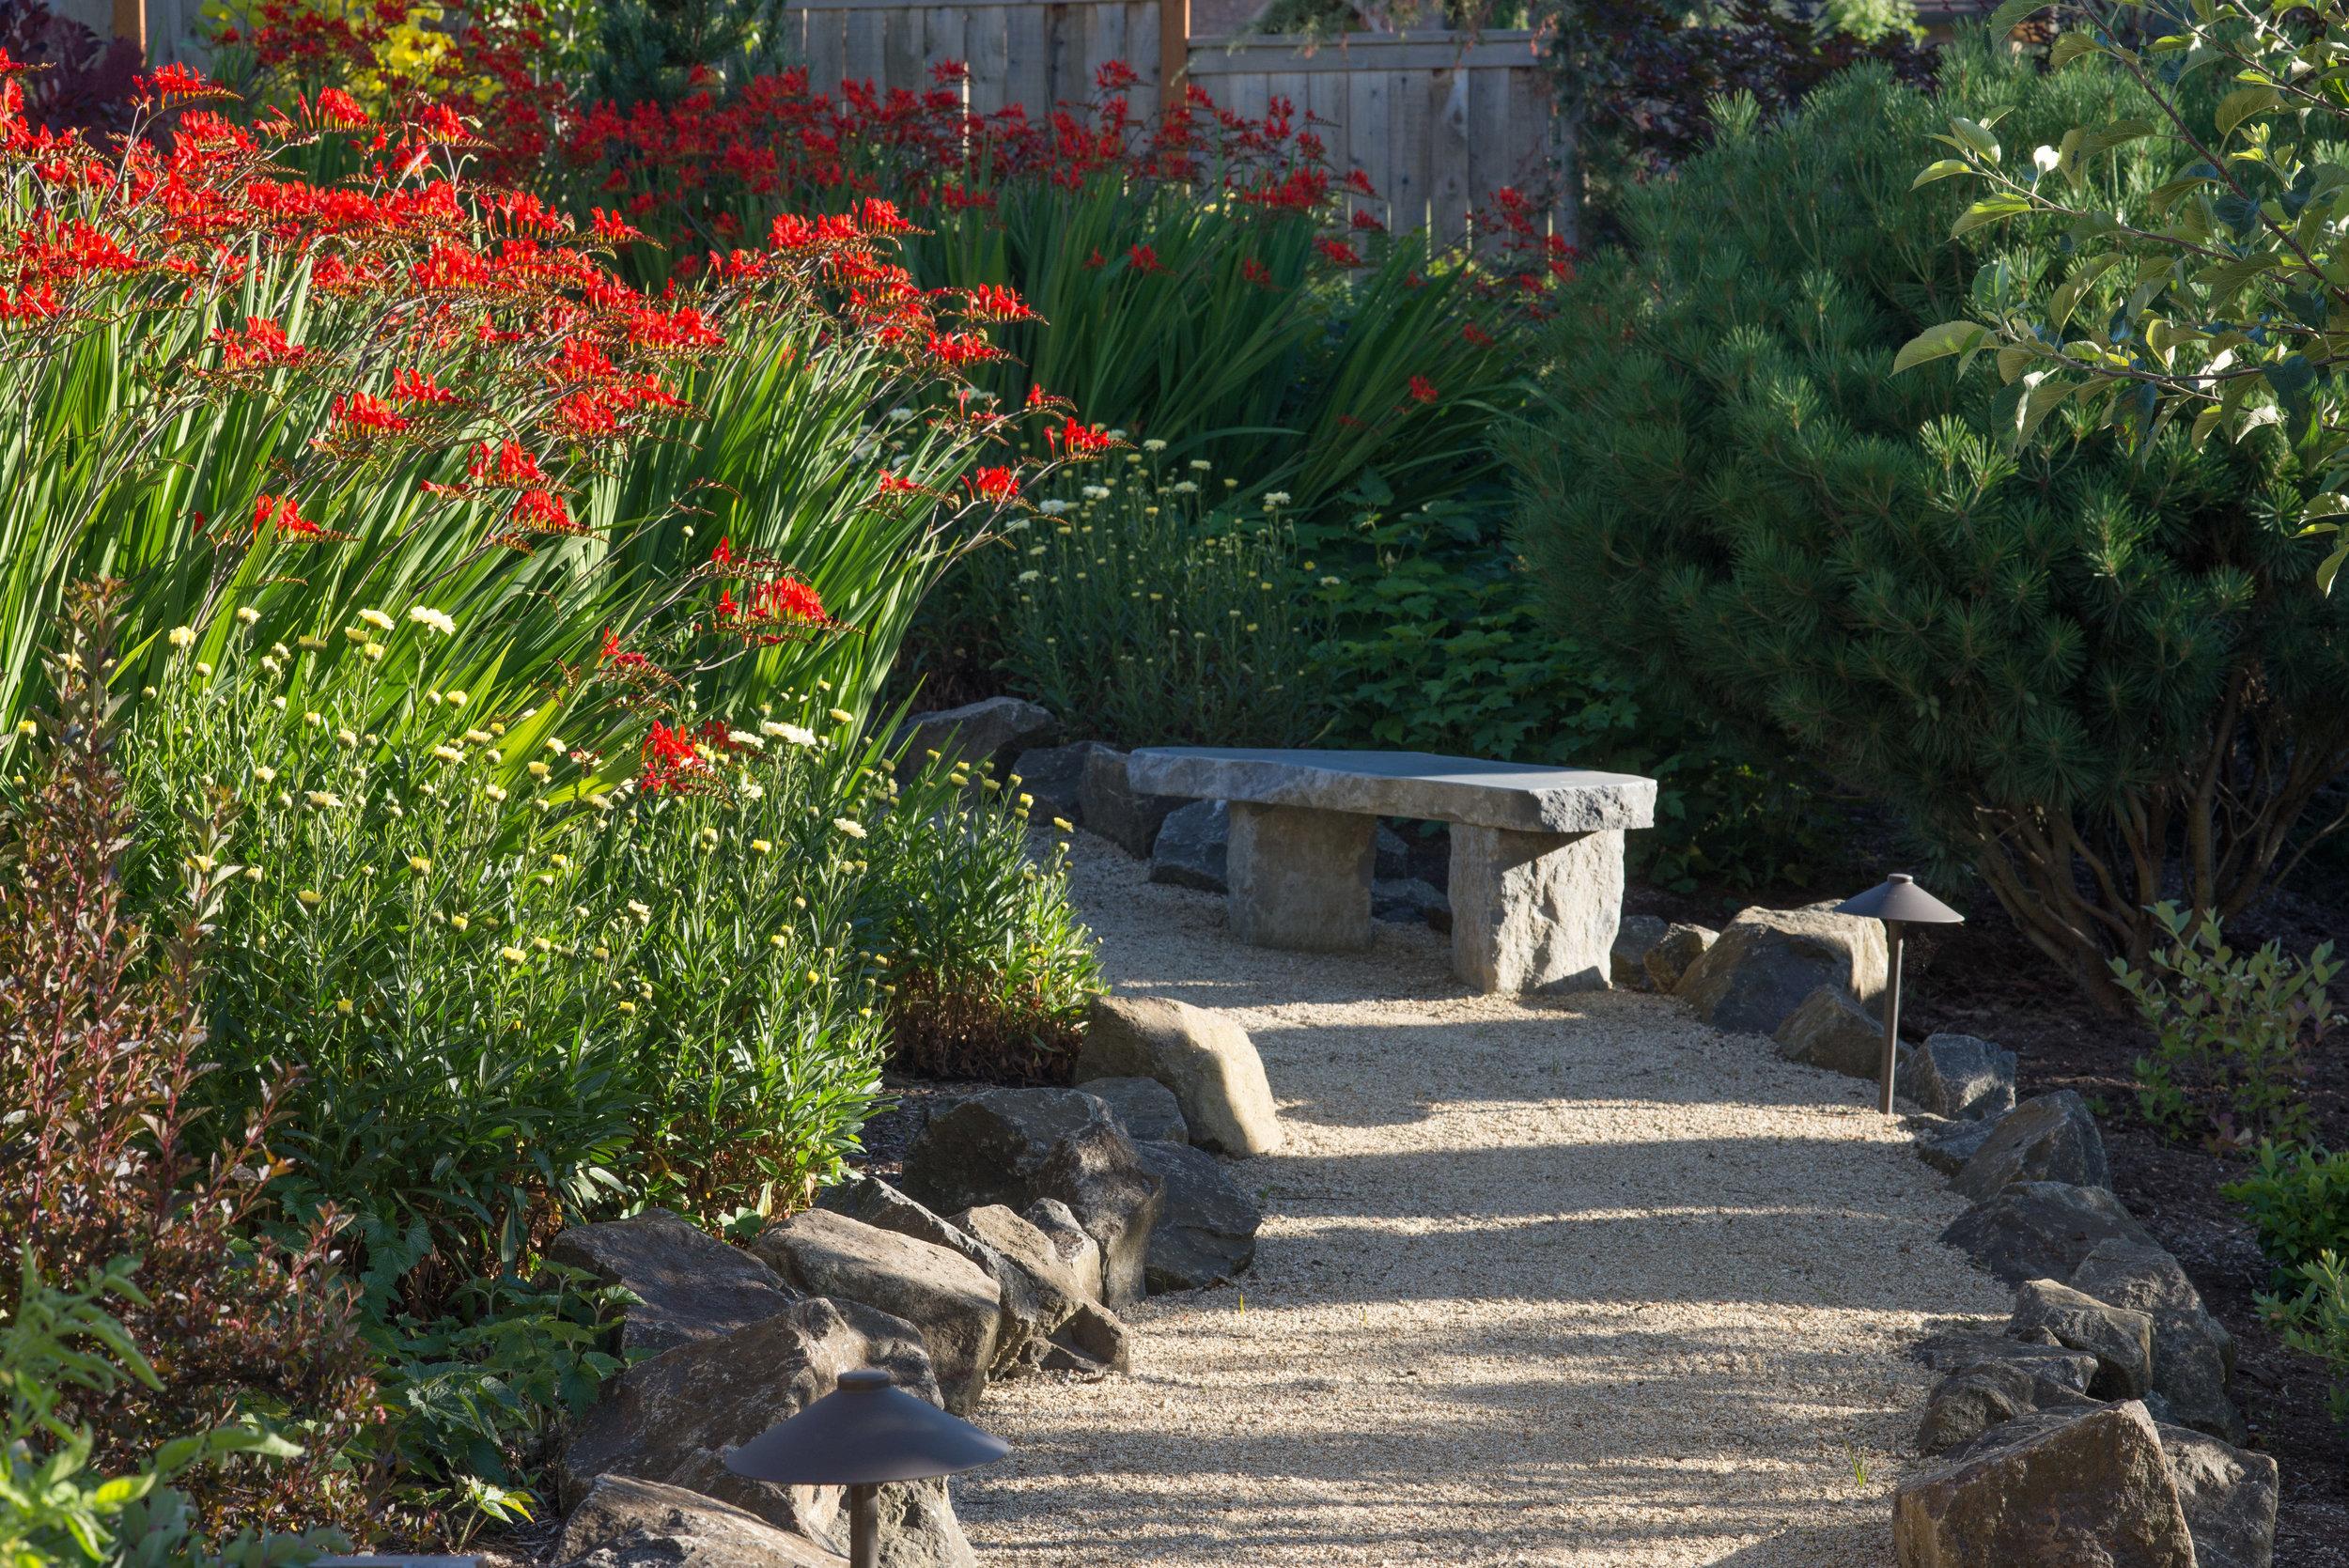 Sept Garden 04.jpg